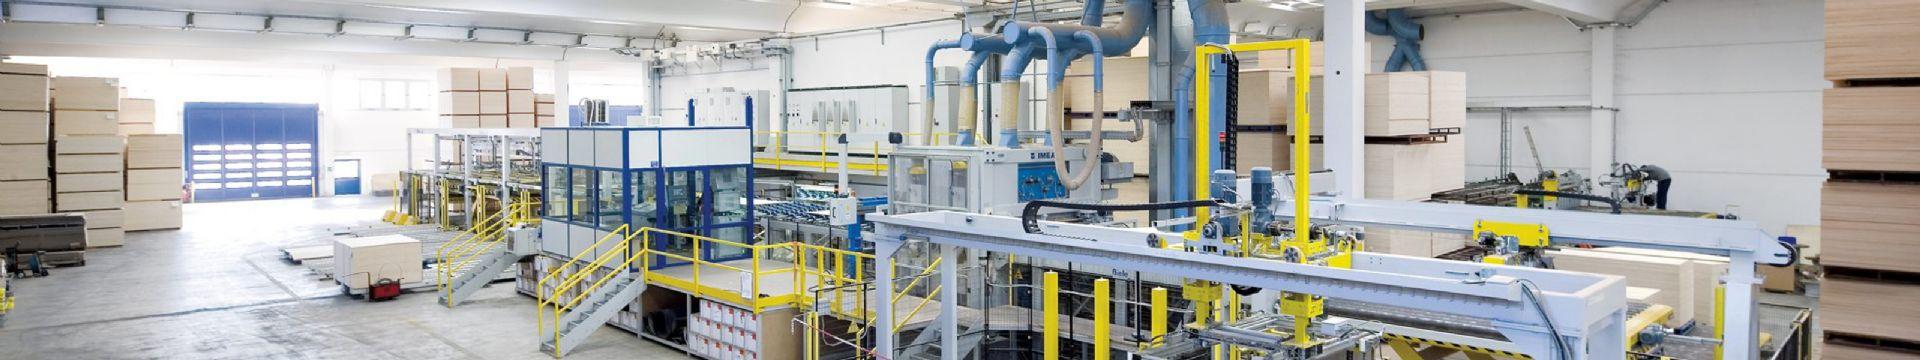 Monitoraggio e riduzione consumi nella produzione di compensato